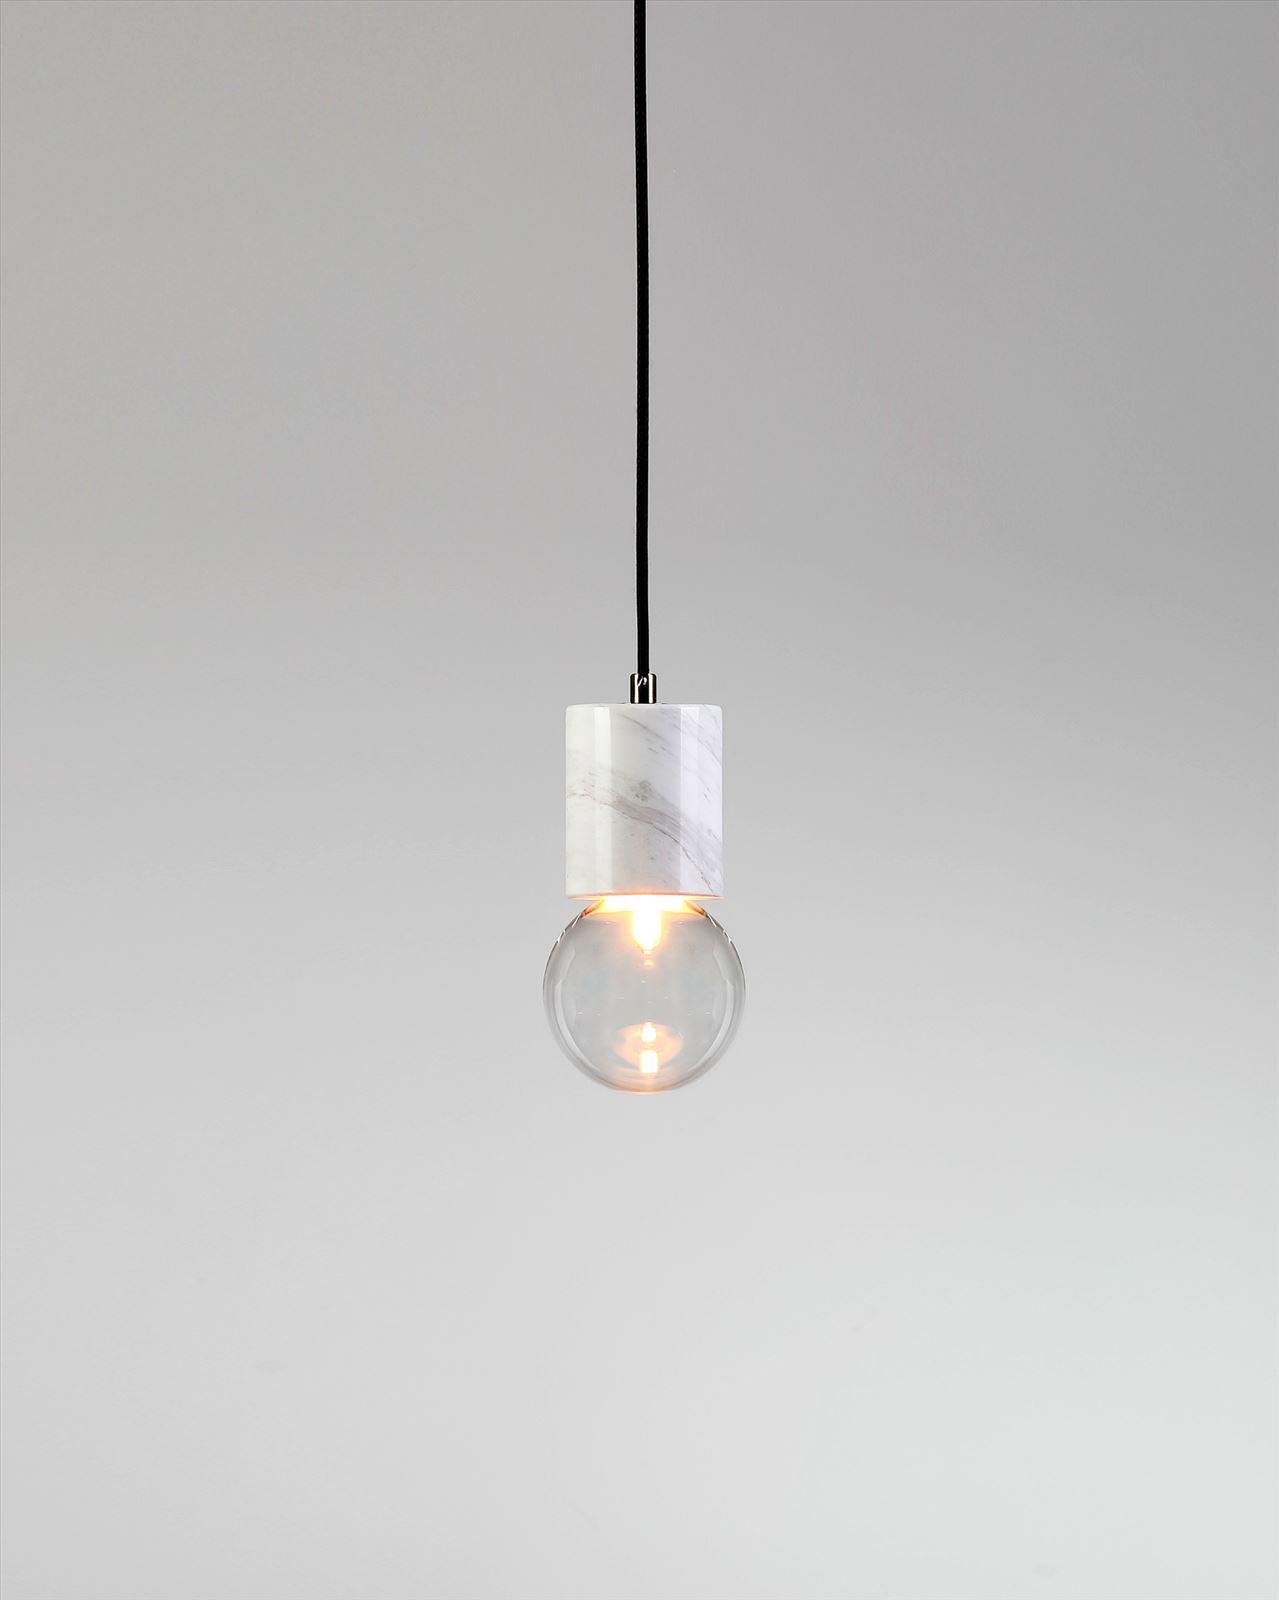 גופי תאורה בקטגוריית: מנורות תלויות ,שם המוצר:  BADOLINA S